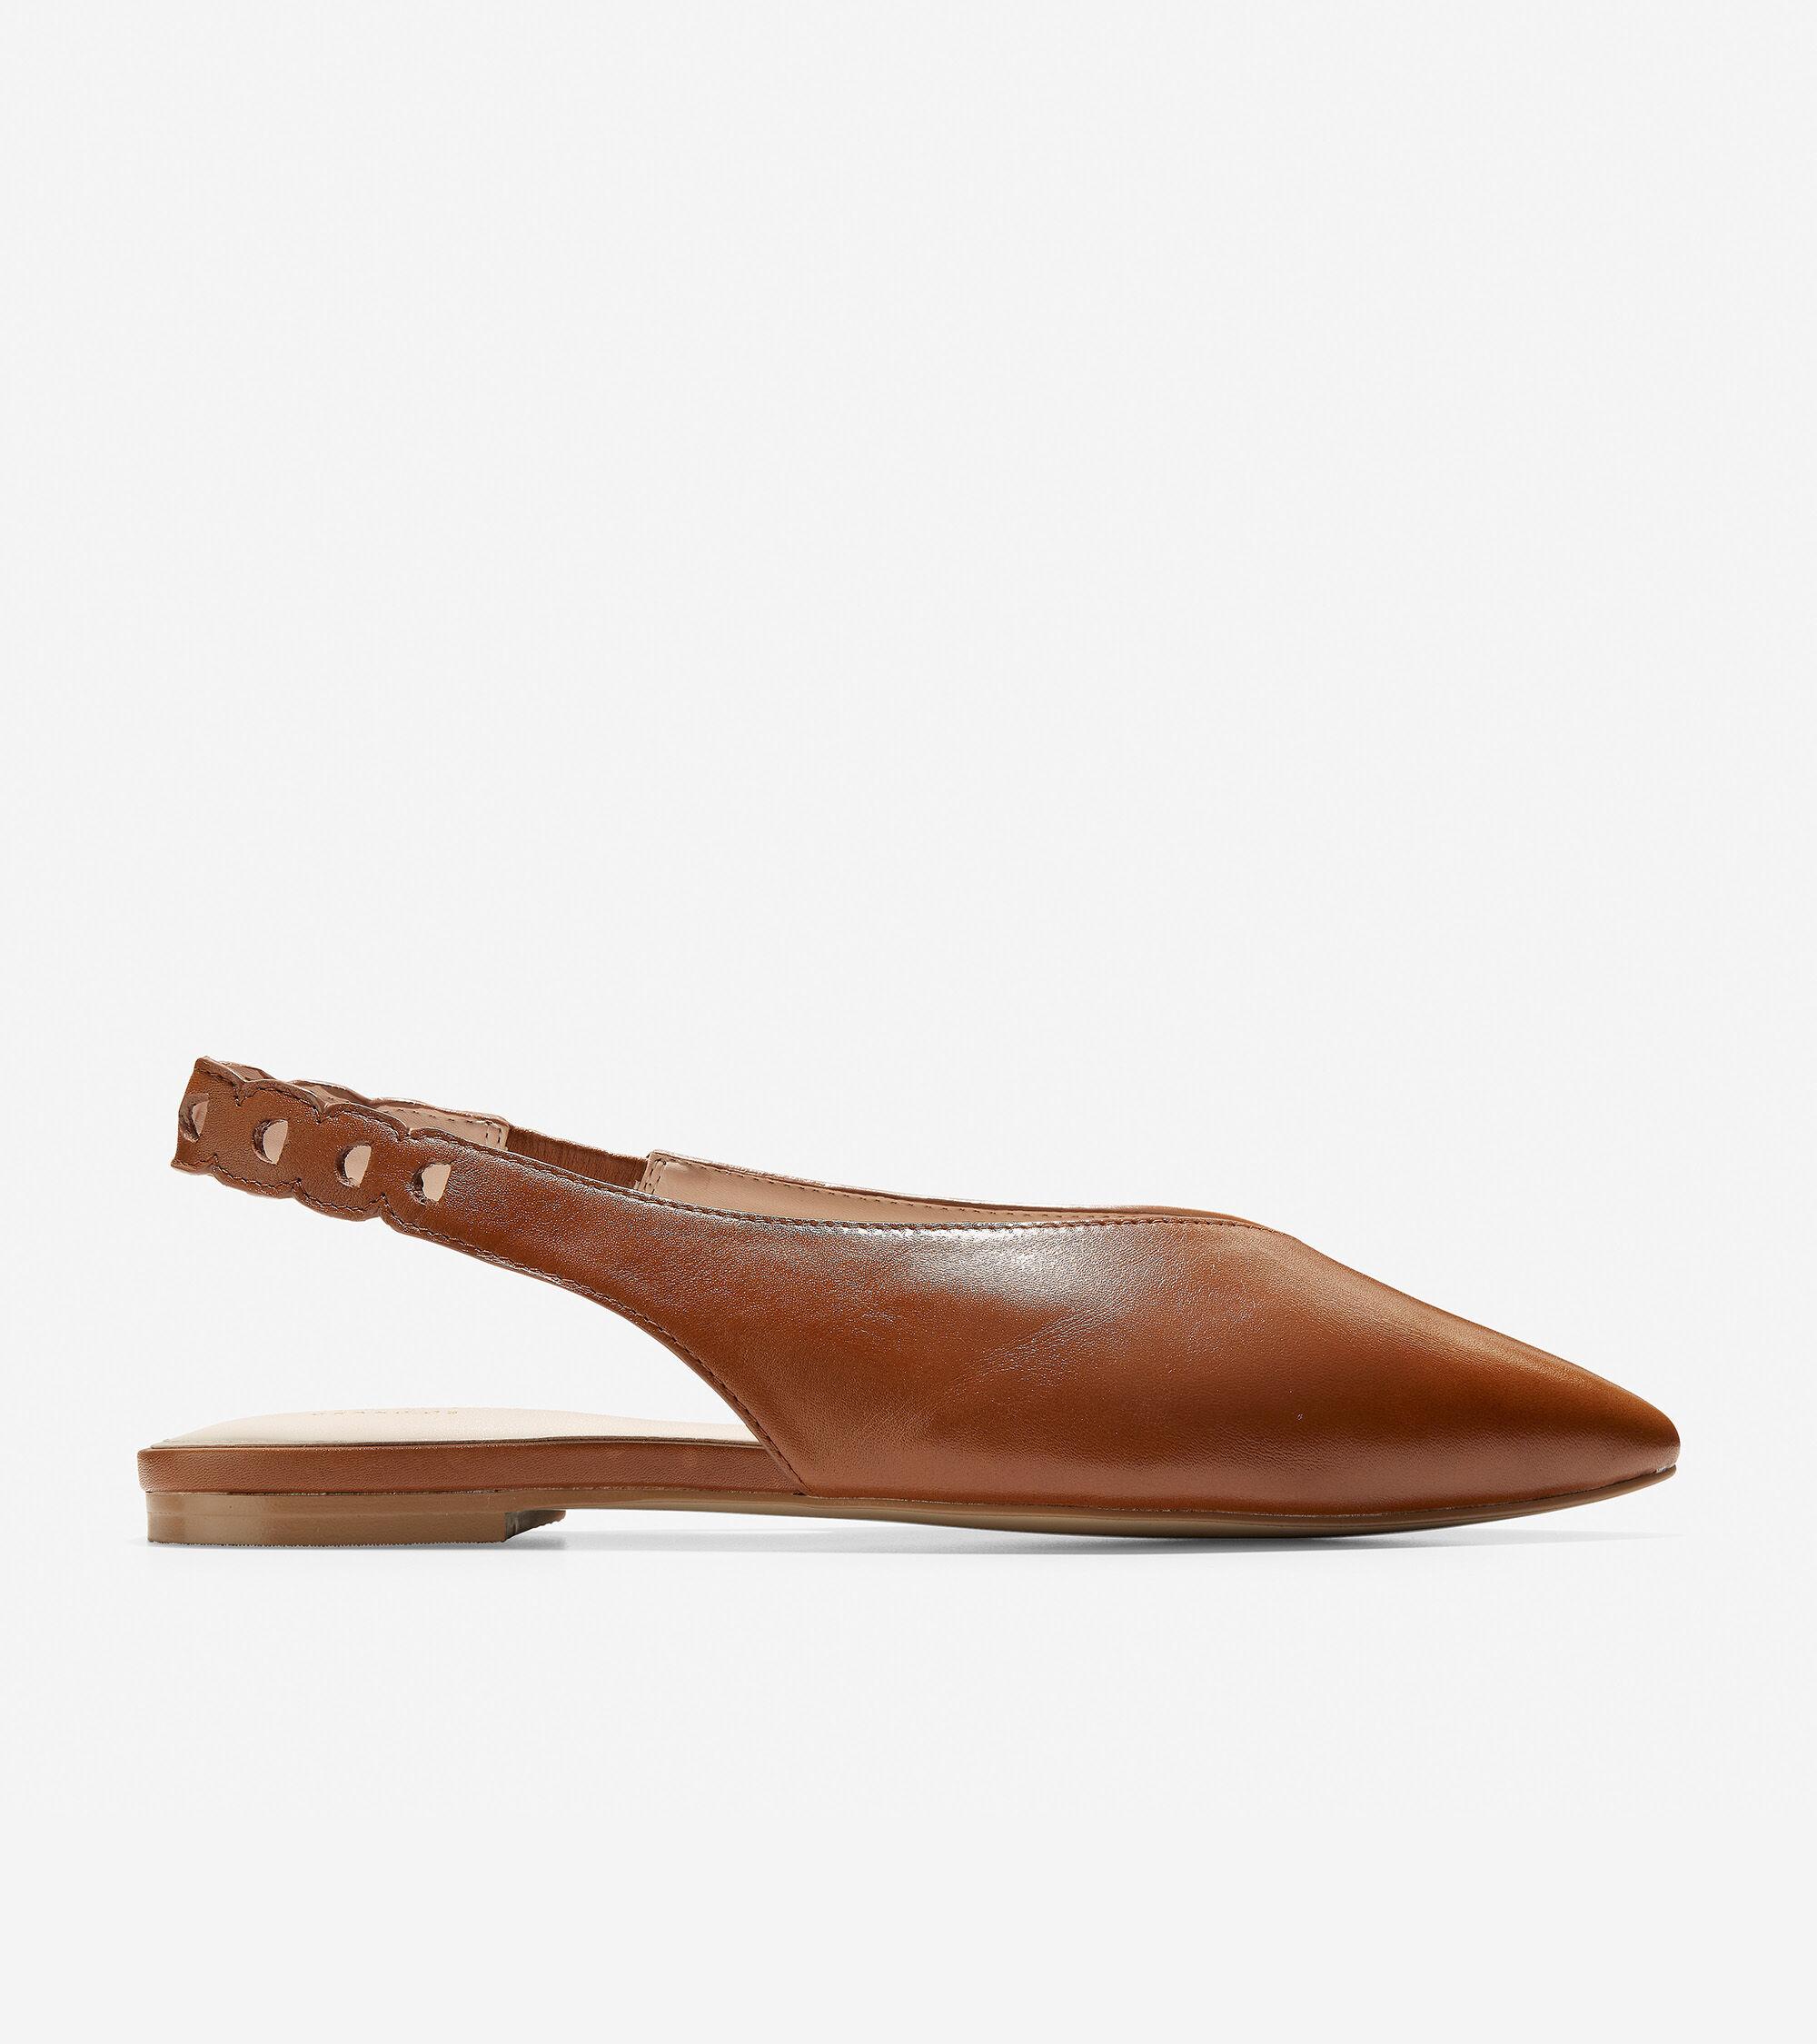 Cole Haan Women's Merrit Skimmer Flat